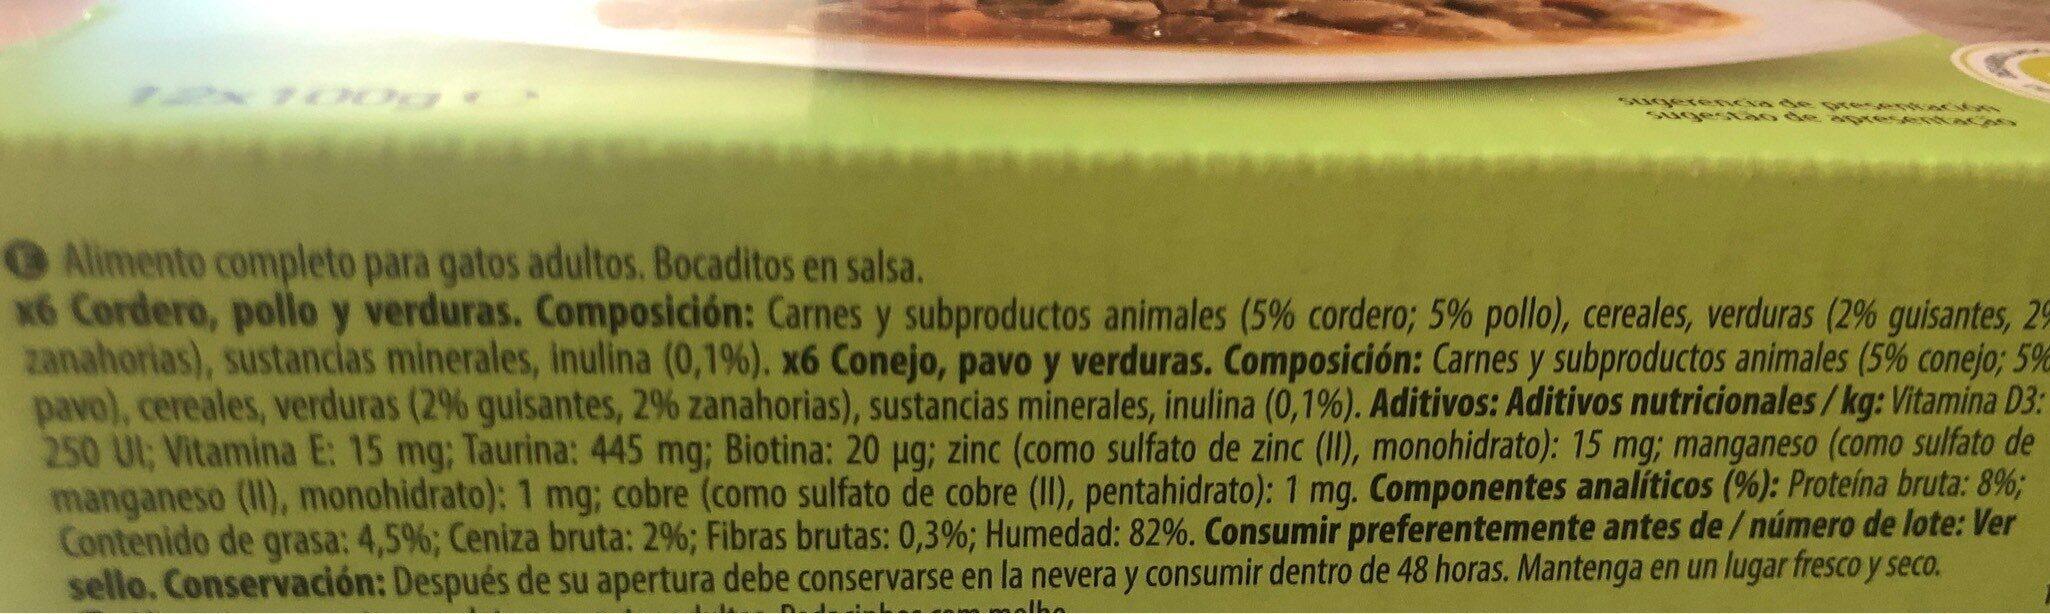 En salsa - Nutrition facts - es